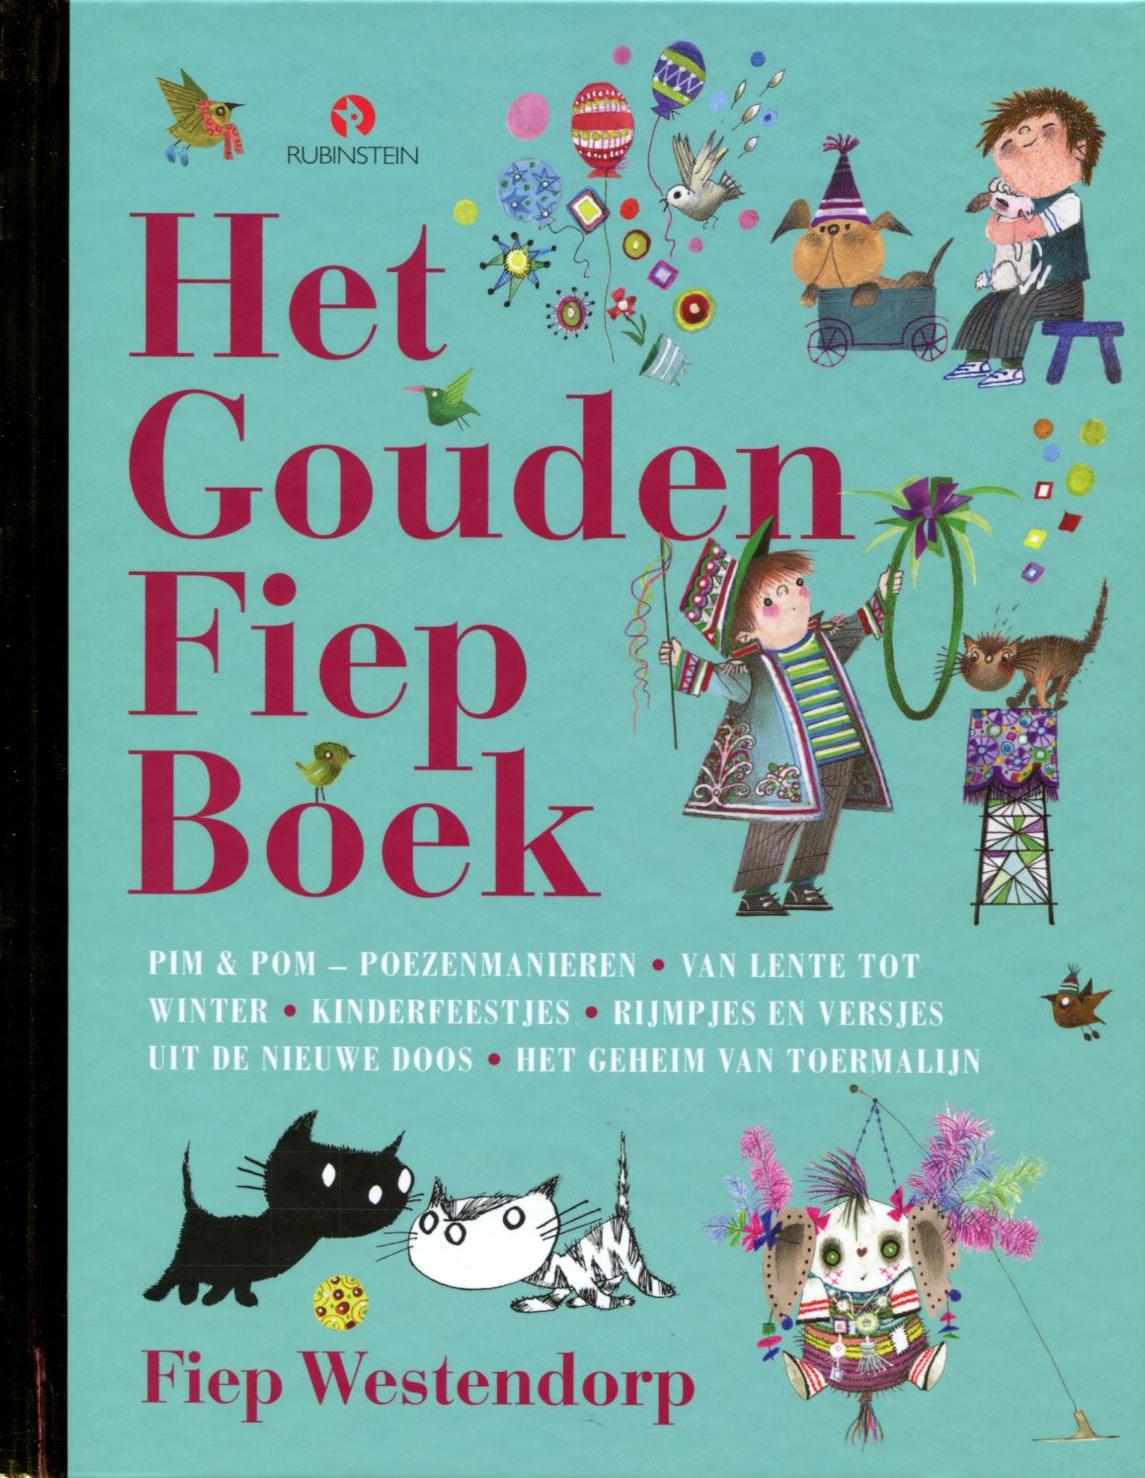 gouden-fiep-boek004